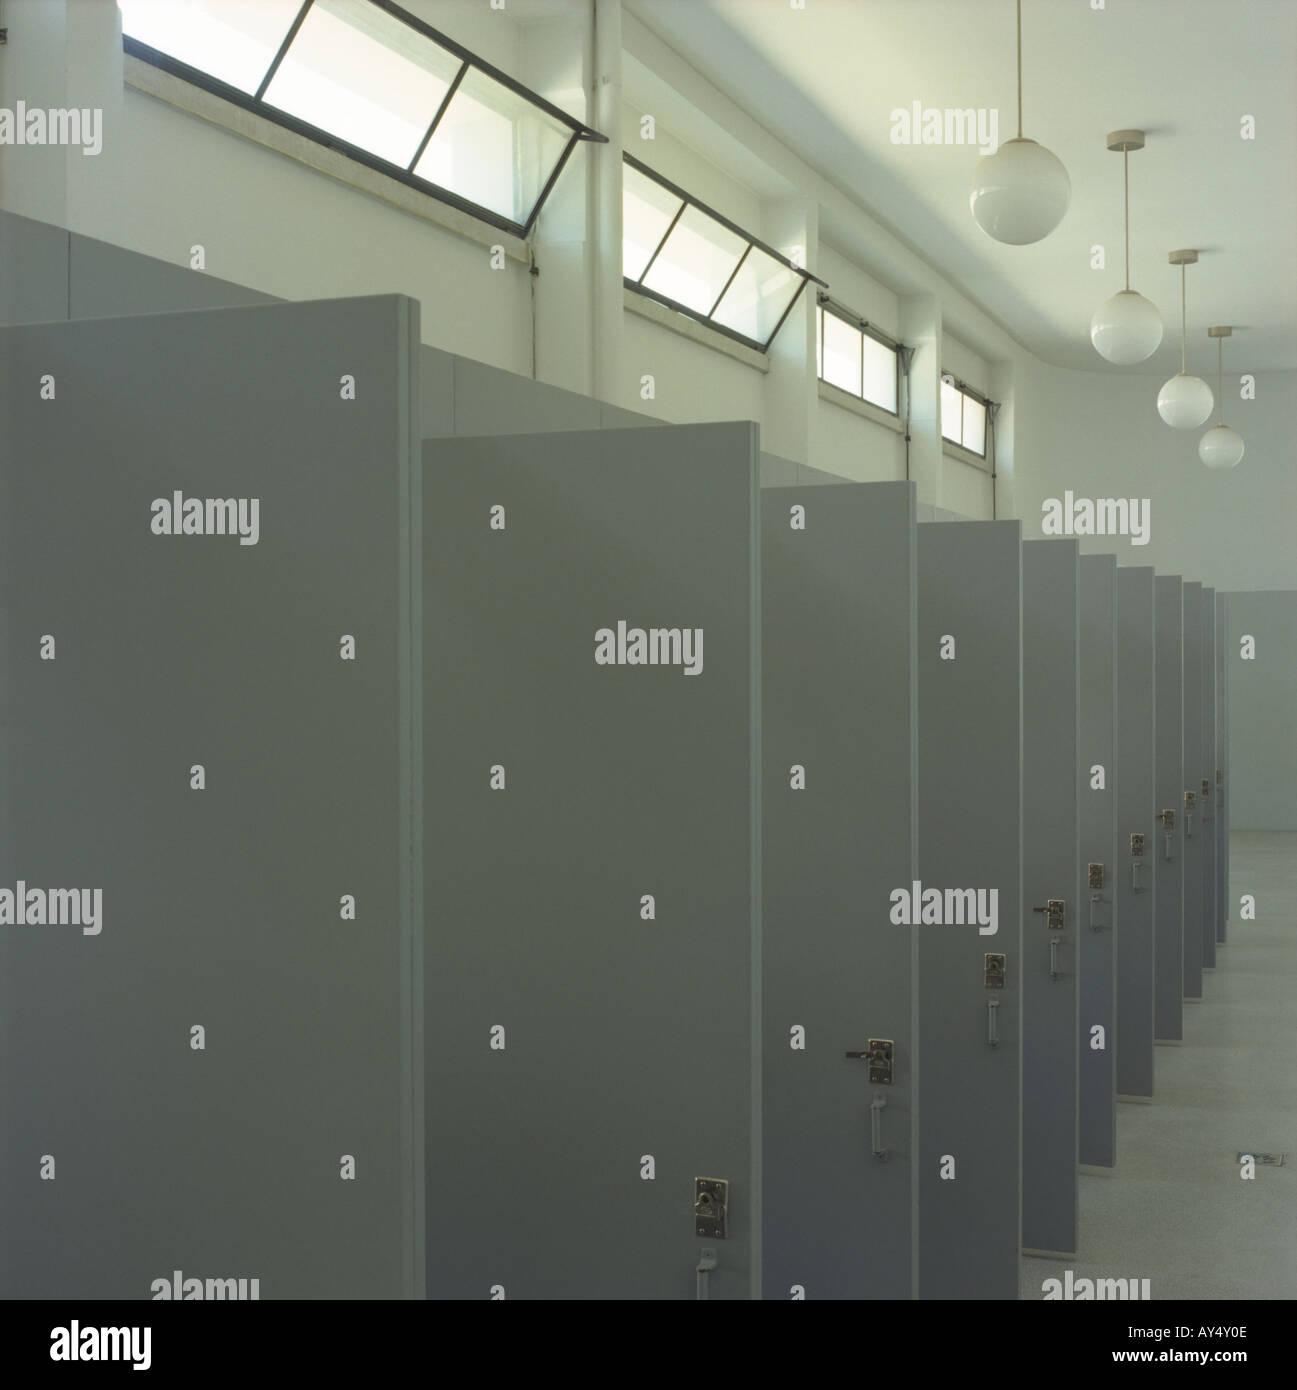 lange Reihe von Türen der Toiletten in der Schule Stockbild